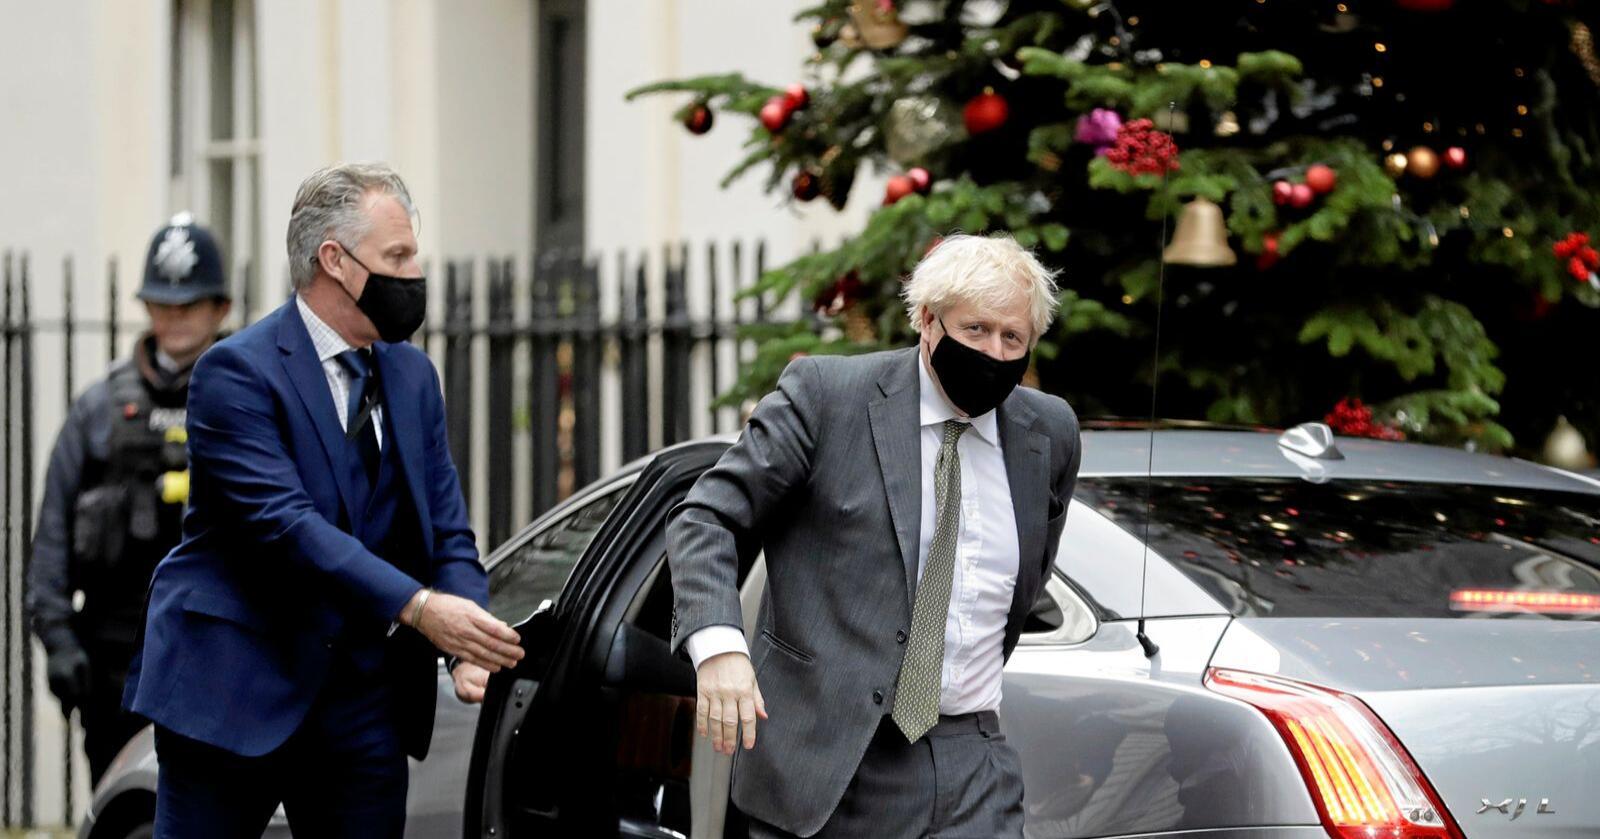 Ny begynnelse: Statsminister Boris Johnson slår fast at brexit ikke avslutter britenes forhold til EU, men sørger for en ny begynnelse. Foto: AP Photo/Matt Dunham, NTB